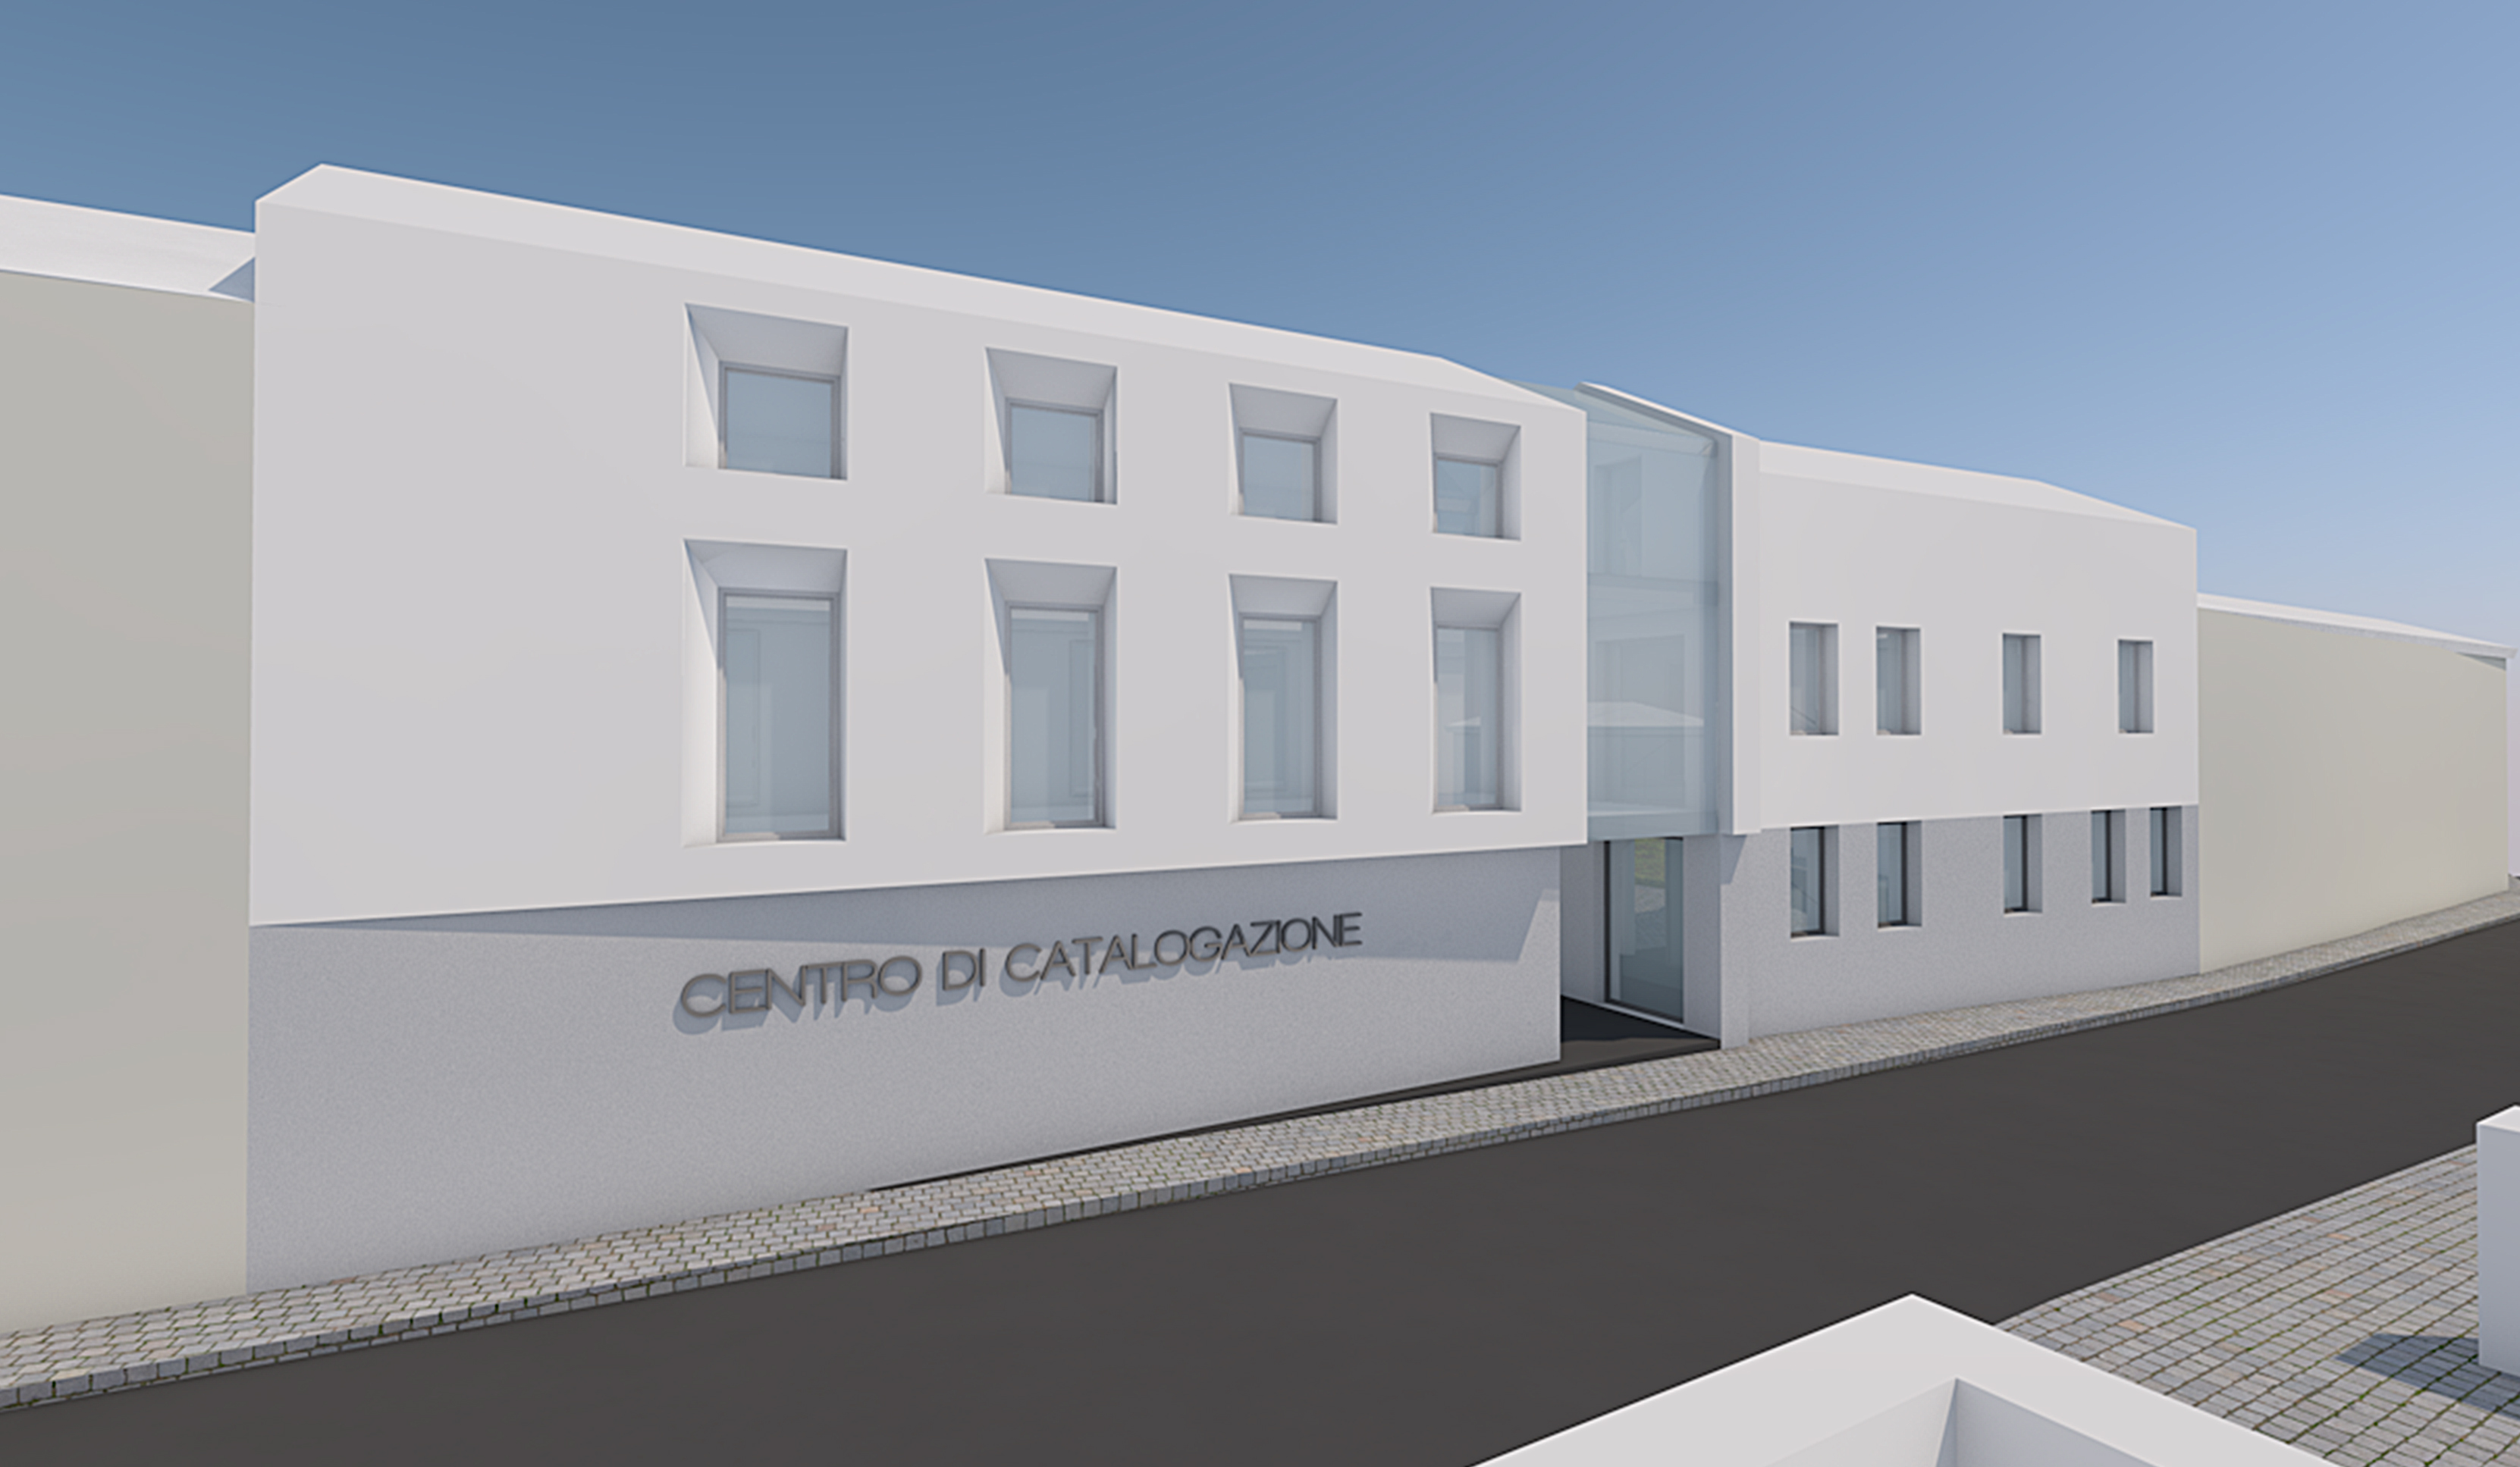 Centro Catalogazione della Sedia - Manzano (UD ...